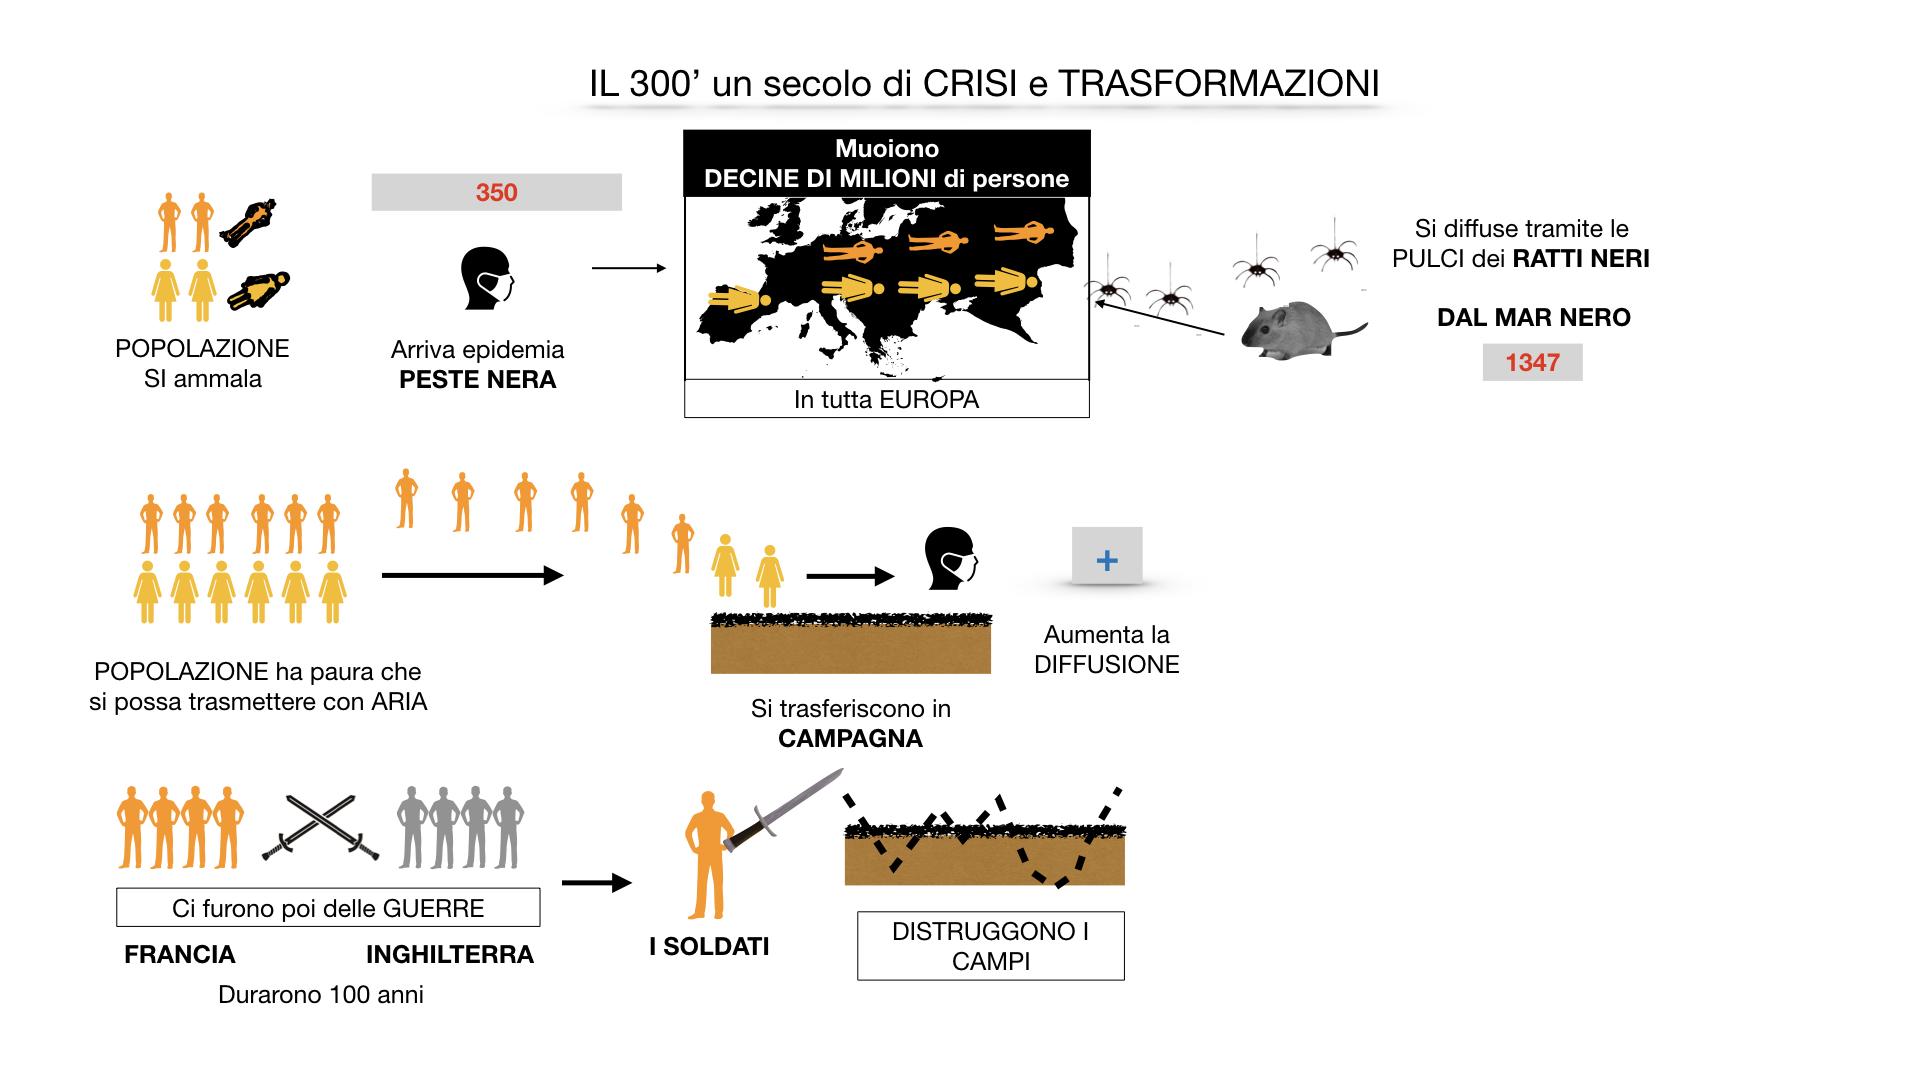 il 300 crisi e trasformazioni_ SIMULAZIONE.030